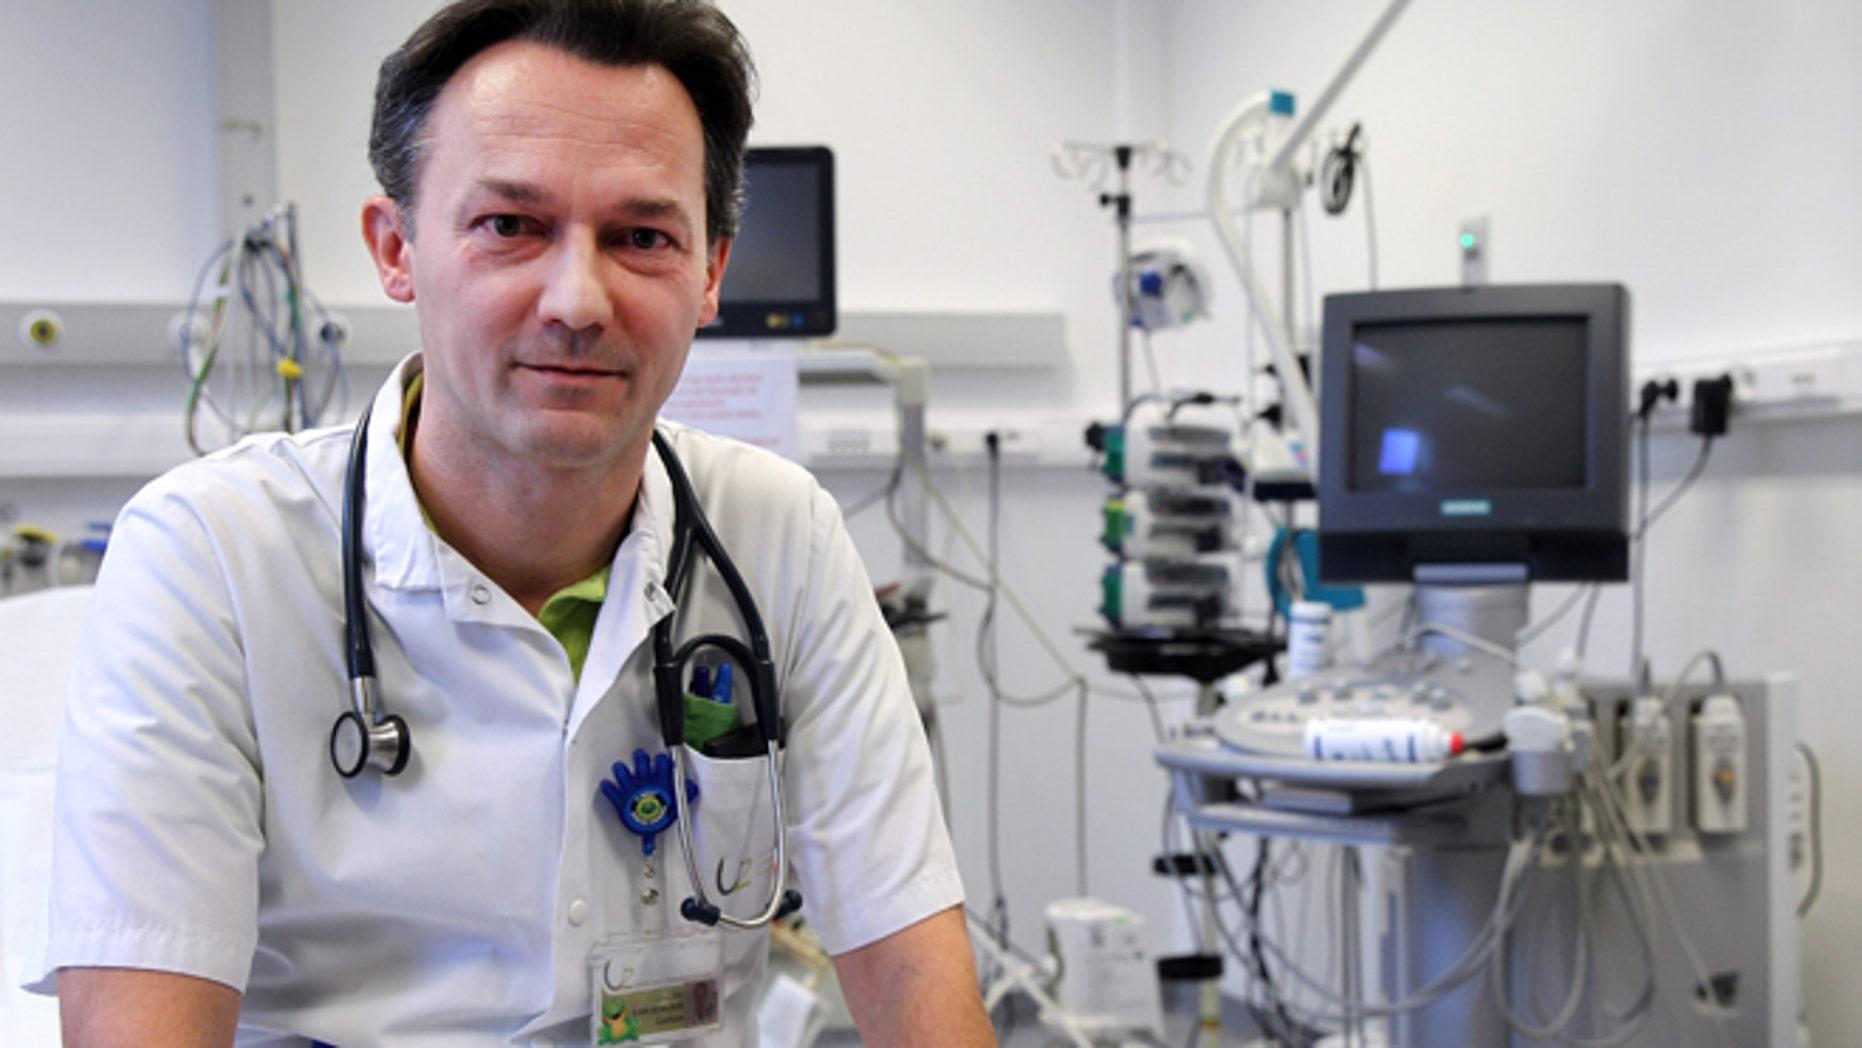 Belgium set to extend euthanasia law to children | Fox News